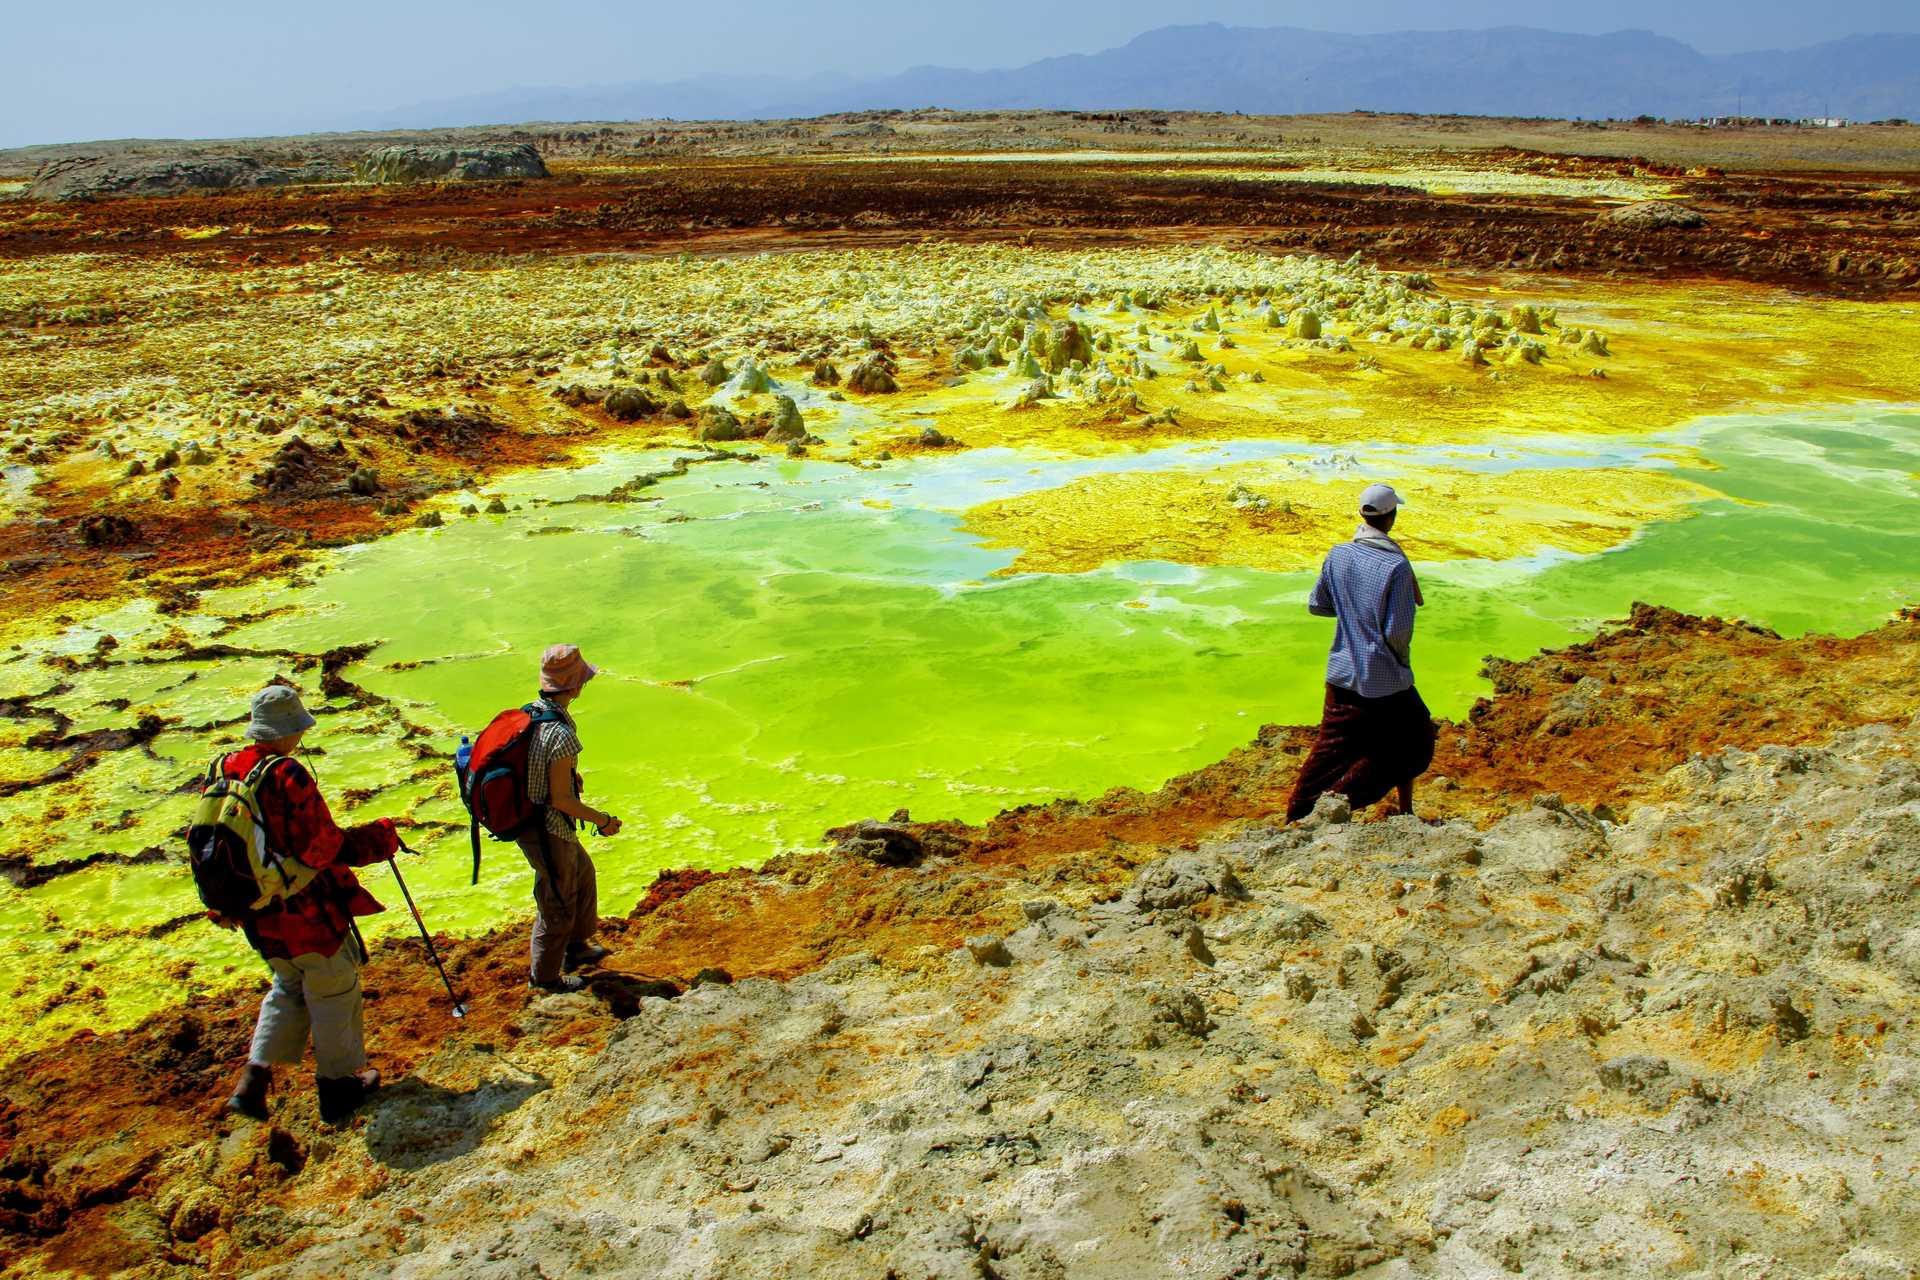 Randonnée dans les couleurs du volcan Dallol